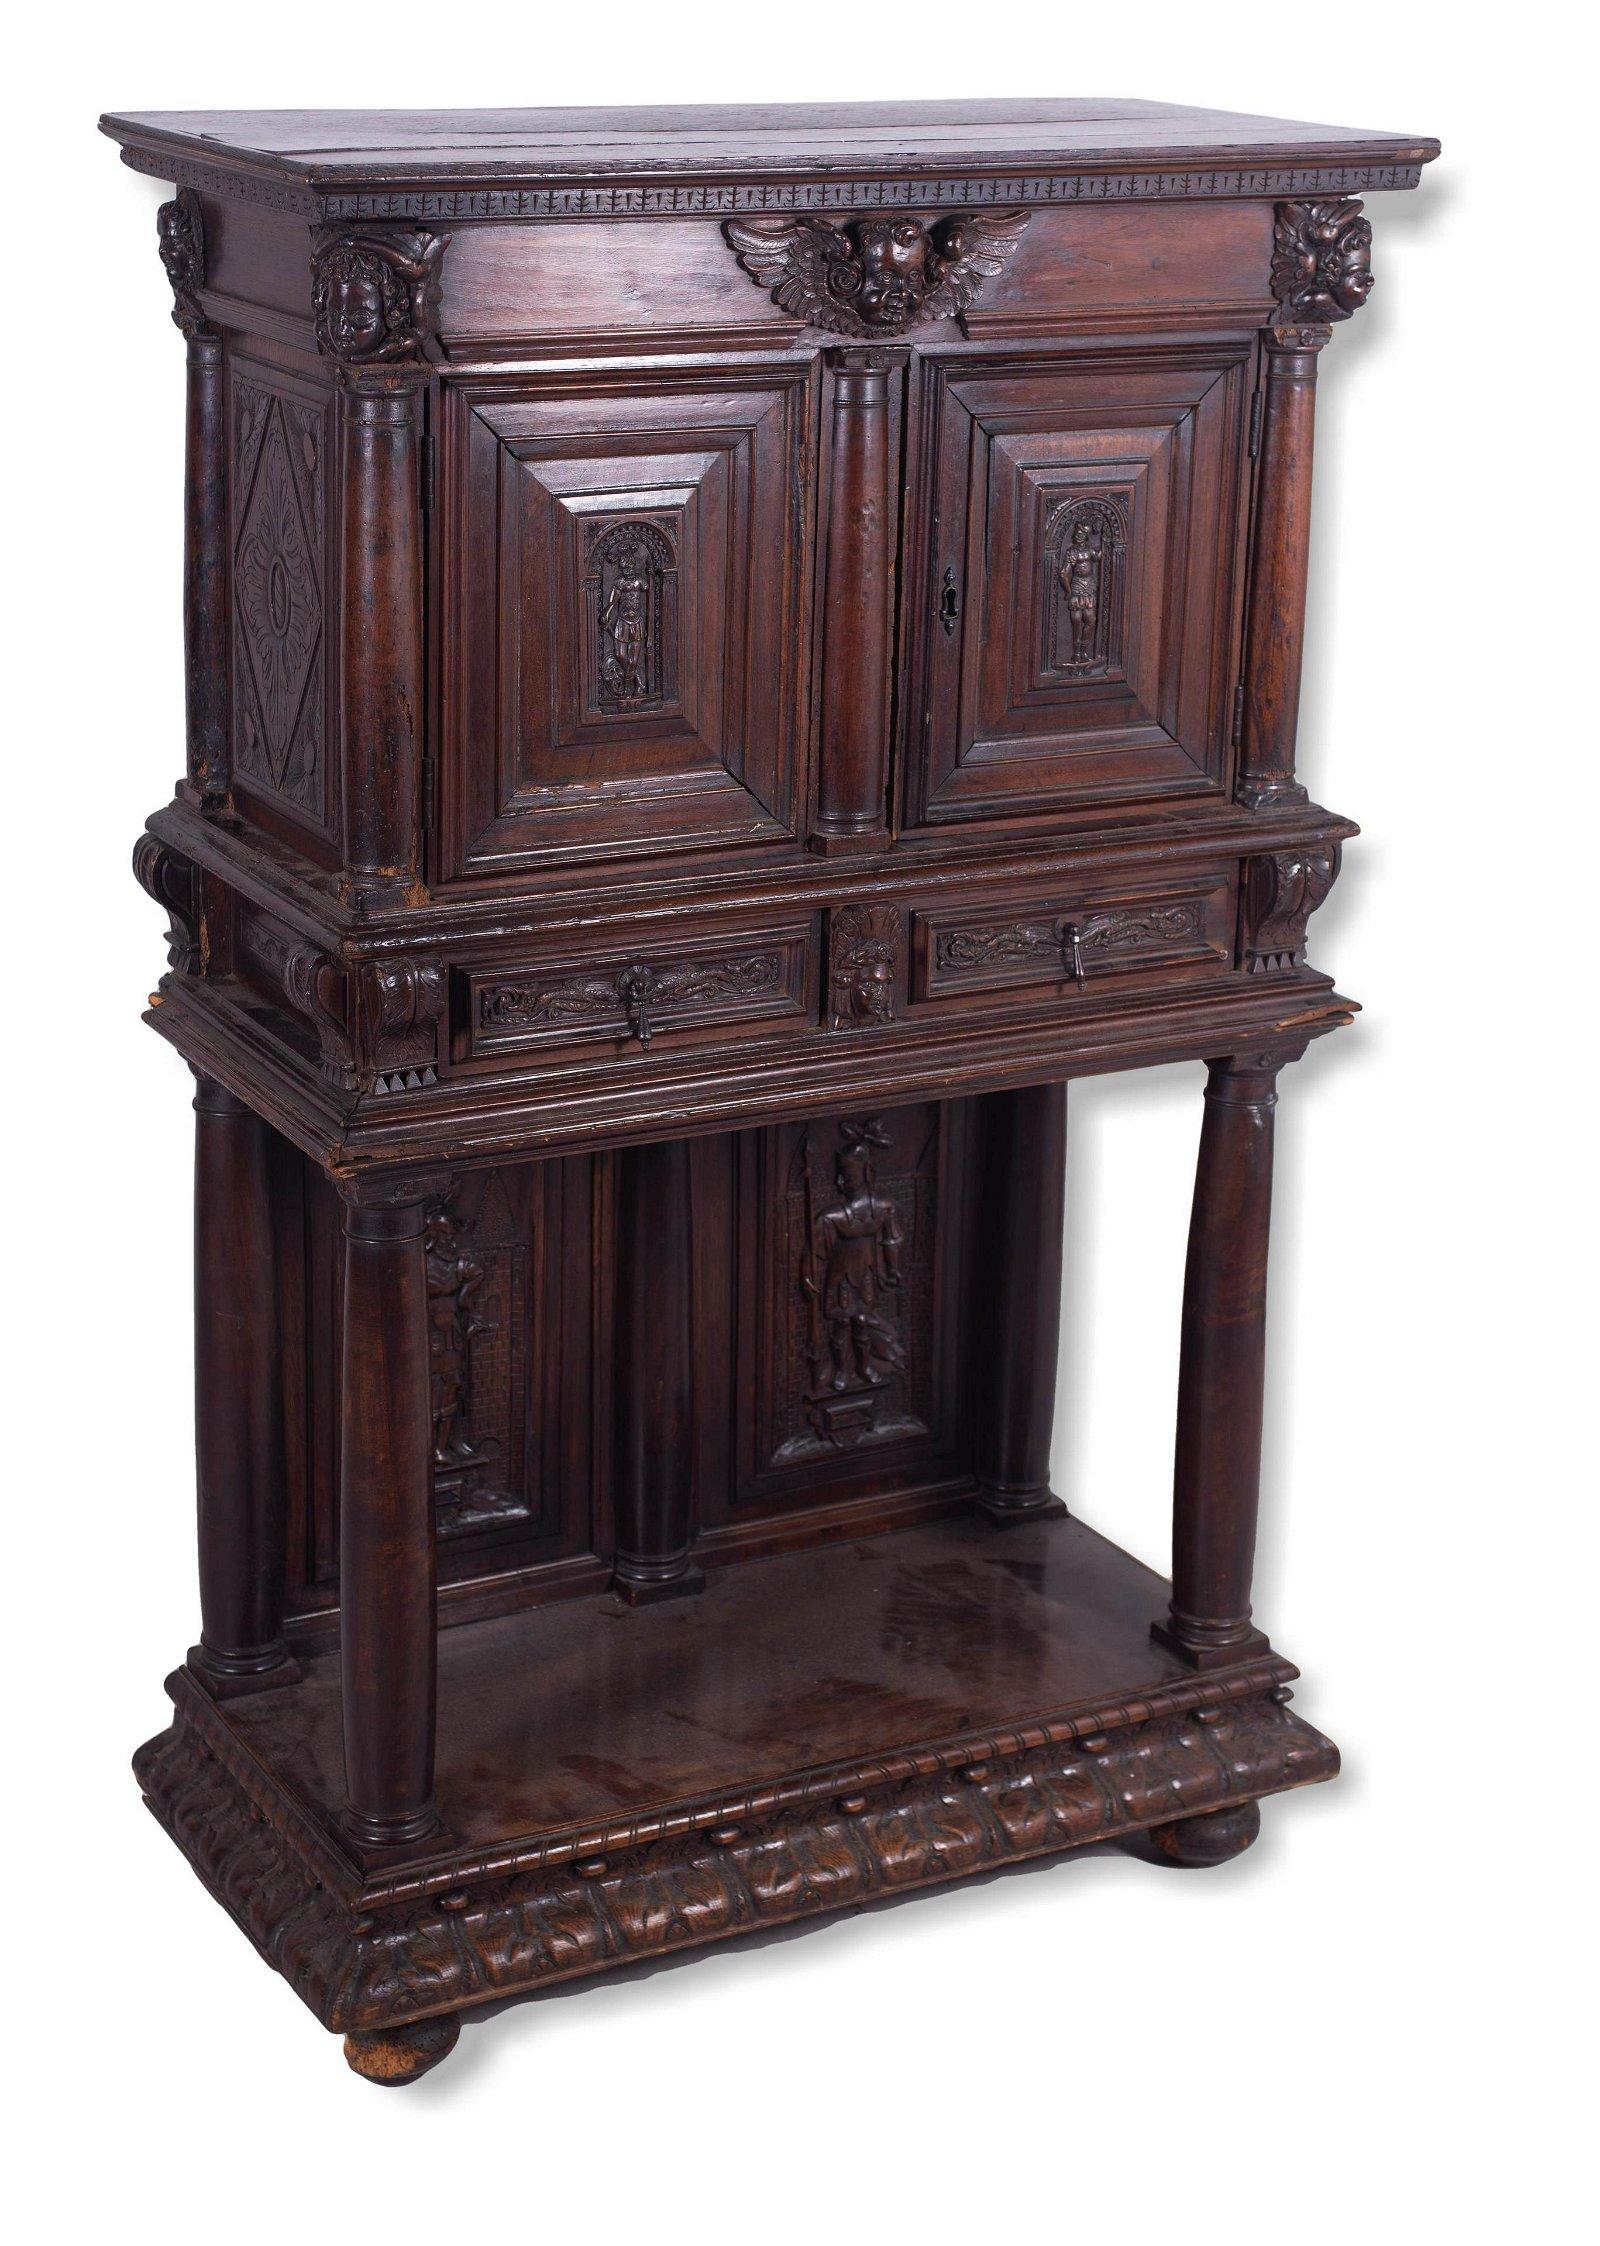 Henri IV style walnut figural carved dressoir